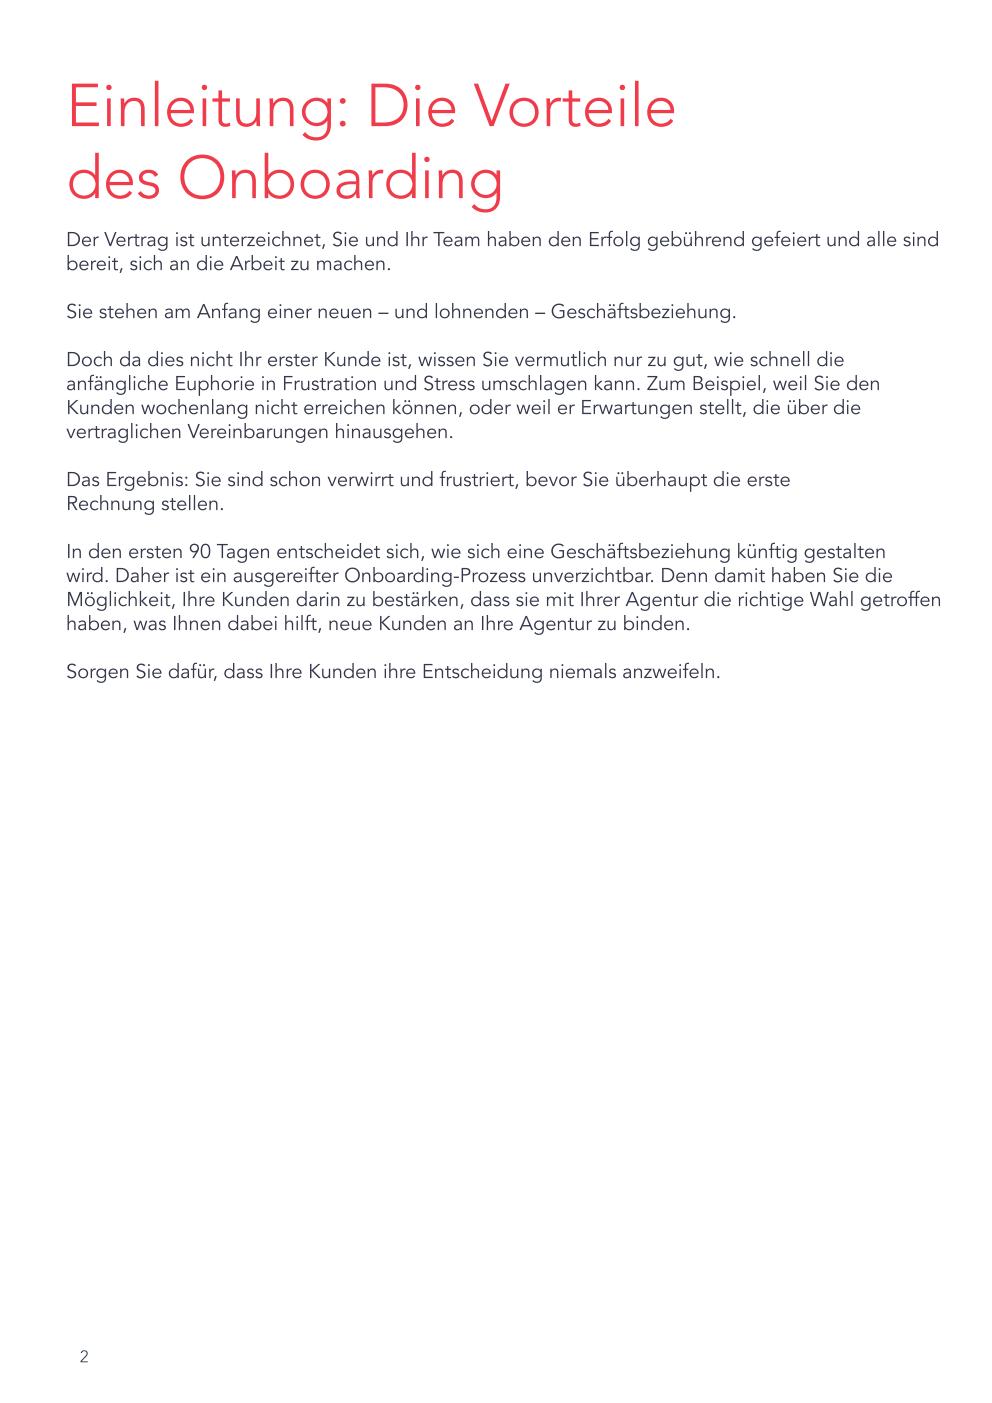 HubSpot – Onboarding für neue Kunden – Vorschaubild 2